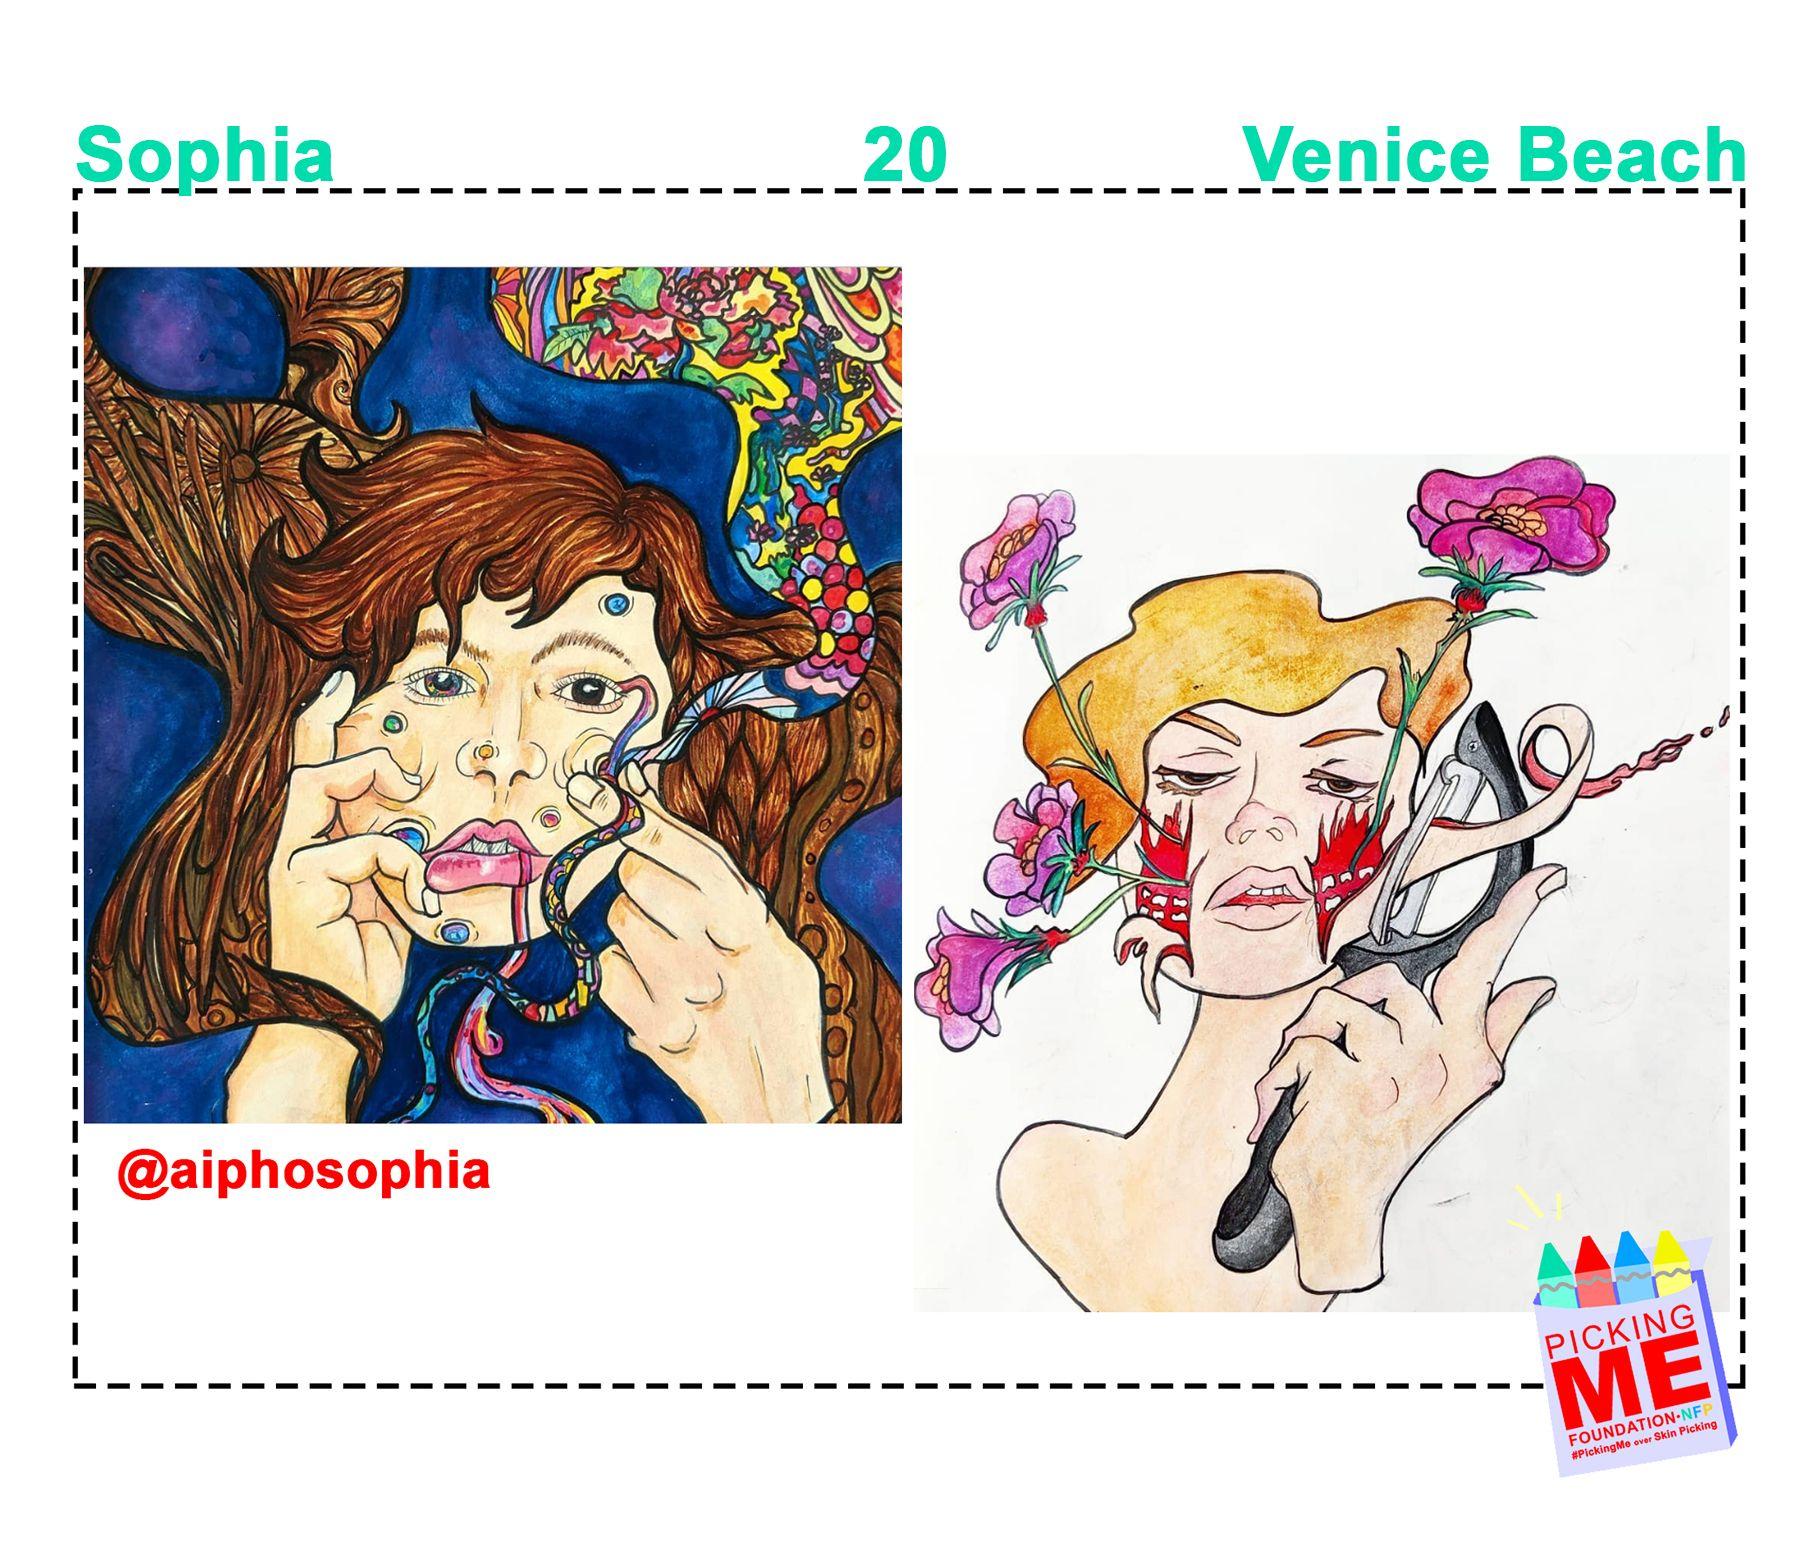 #DrawingWithDerma: Sophia